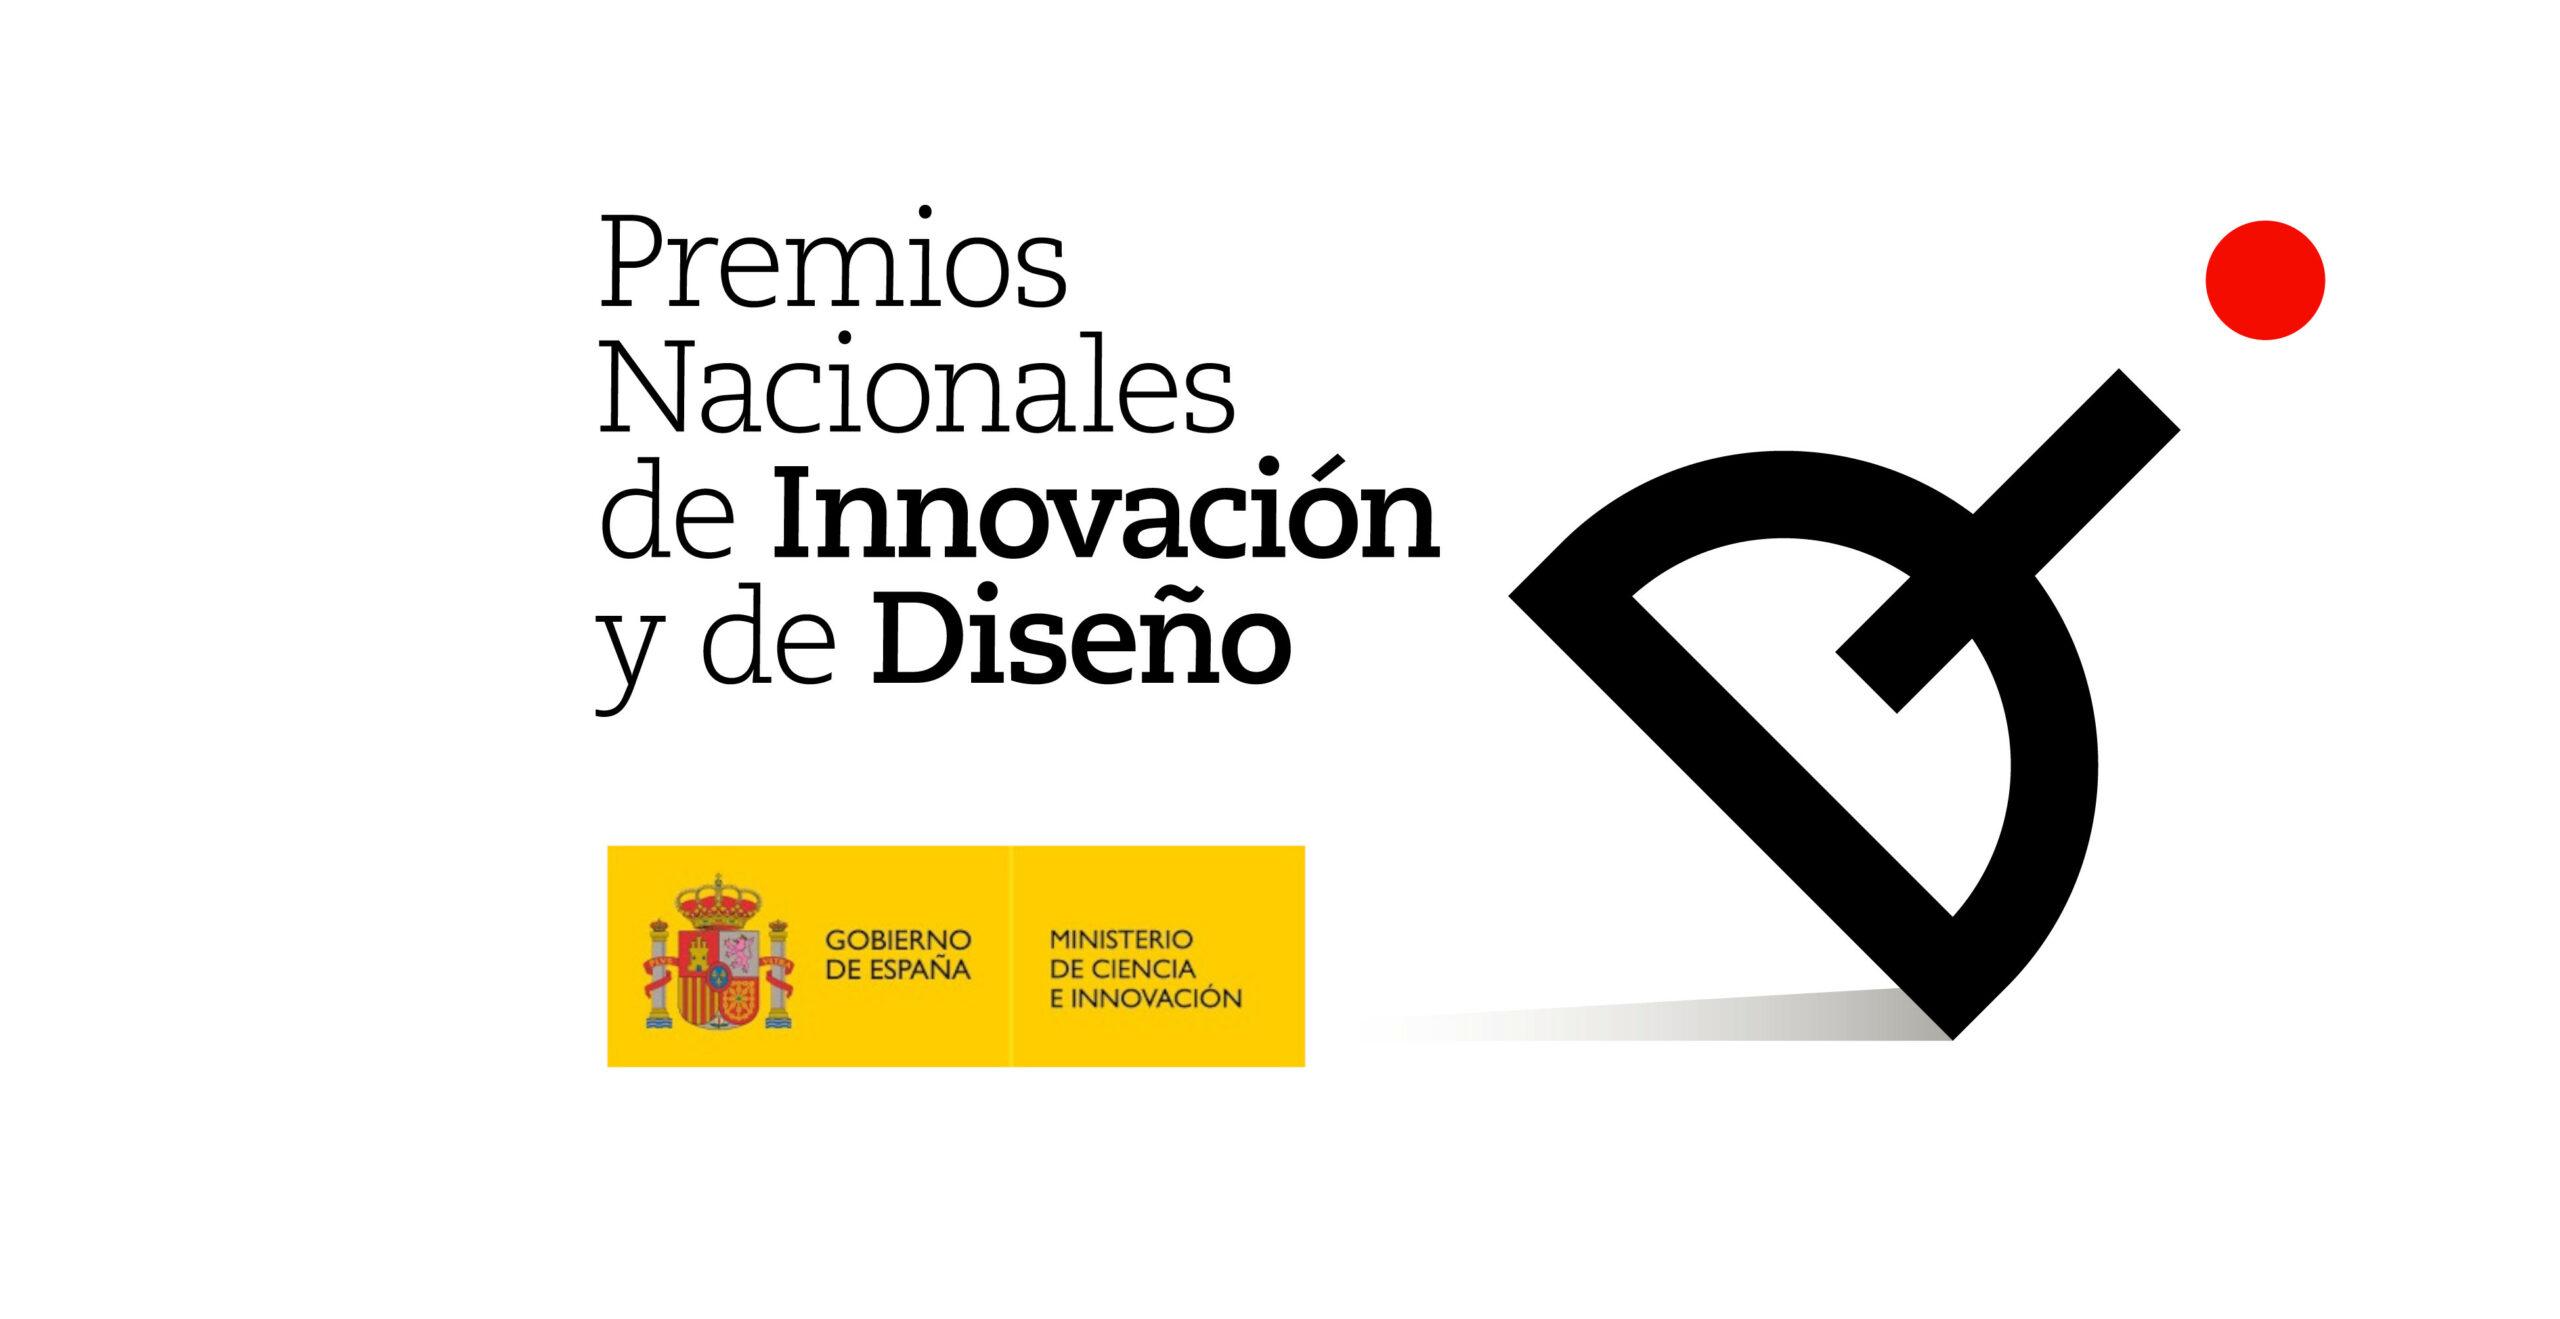 Abierta la Convocatoria 2020 de los Premios Nacionales de Innovación y de Diseño